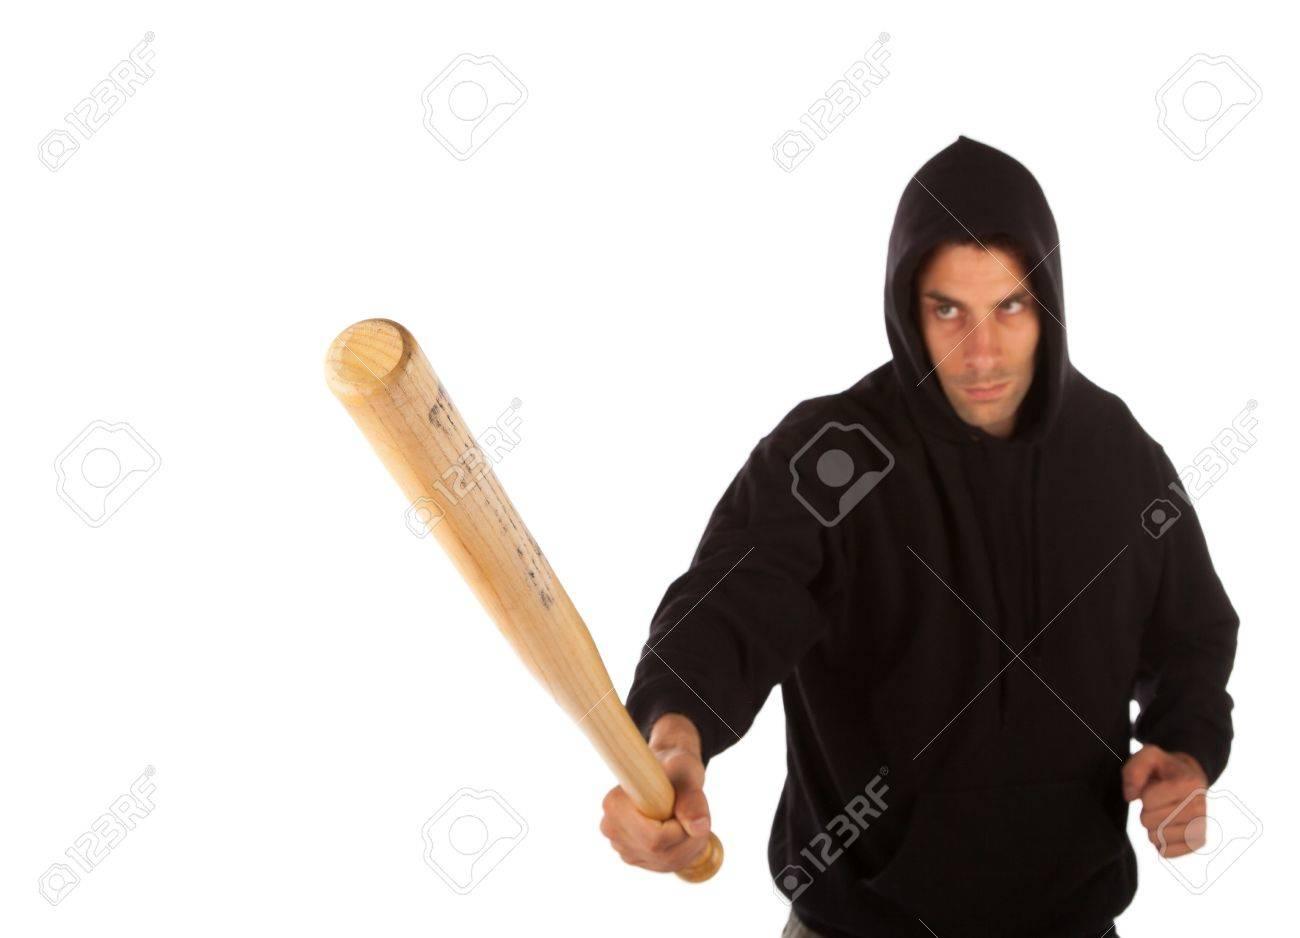 Hooligan with baseball bat isolated on white. Focus on bat Stock Photo - 21623035